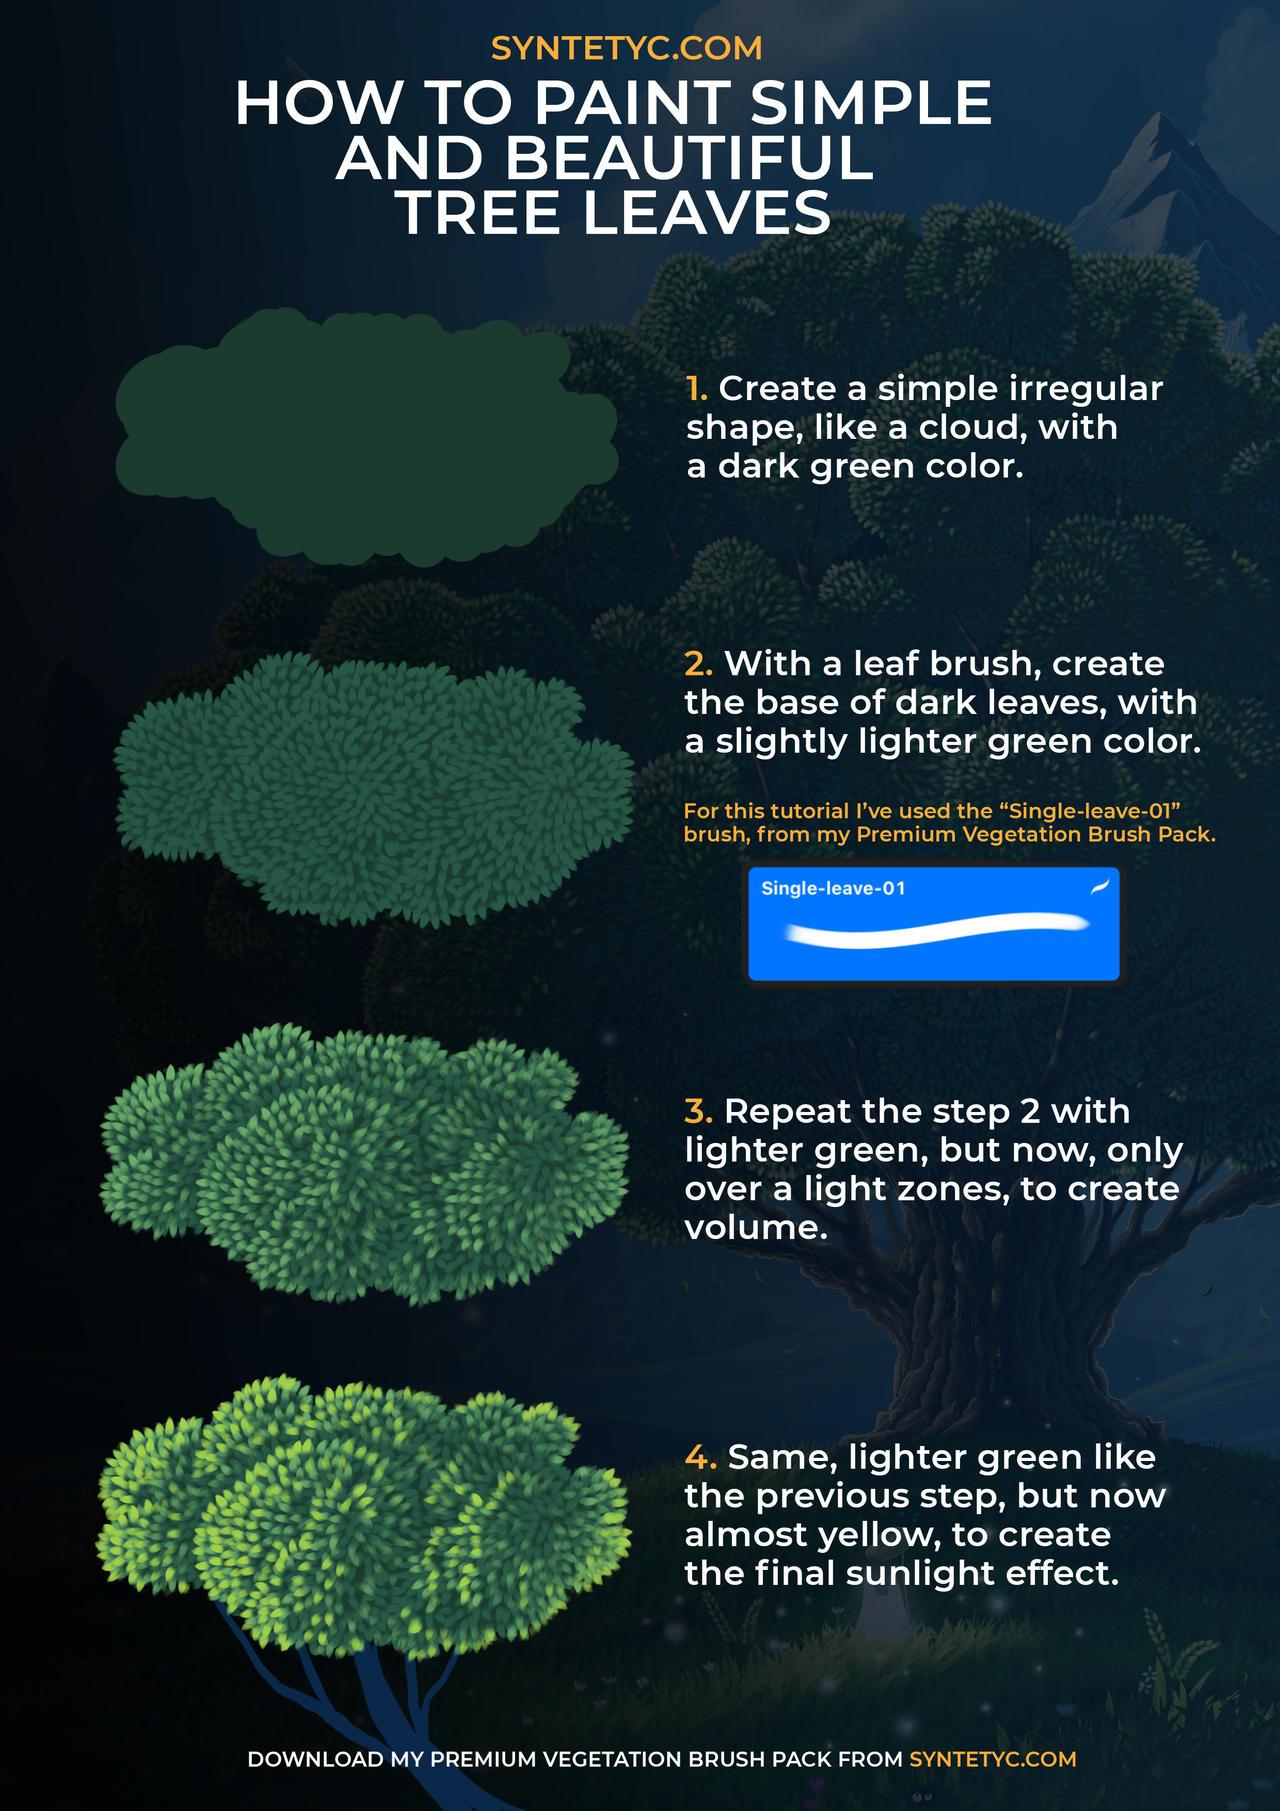 Tree Leaves Tutorial